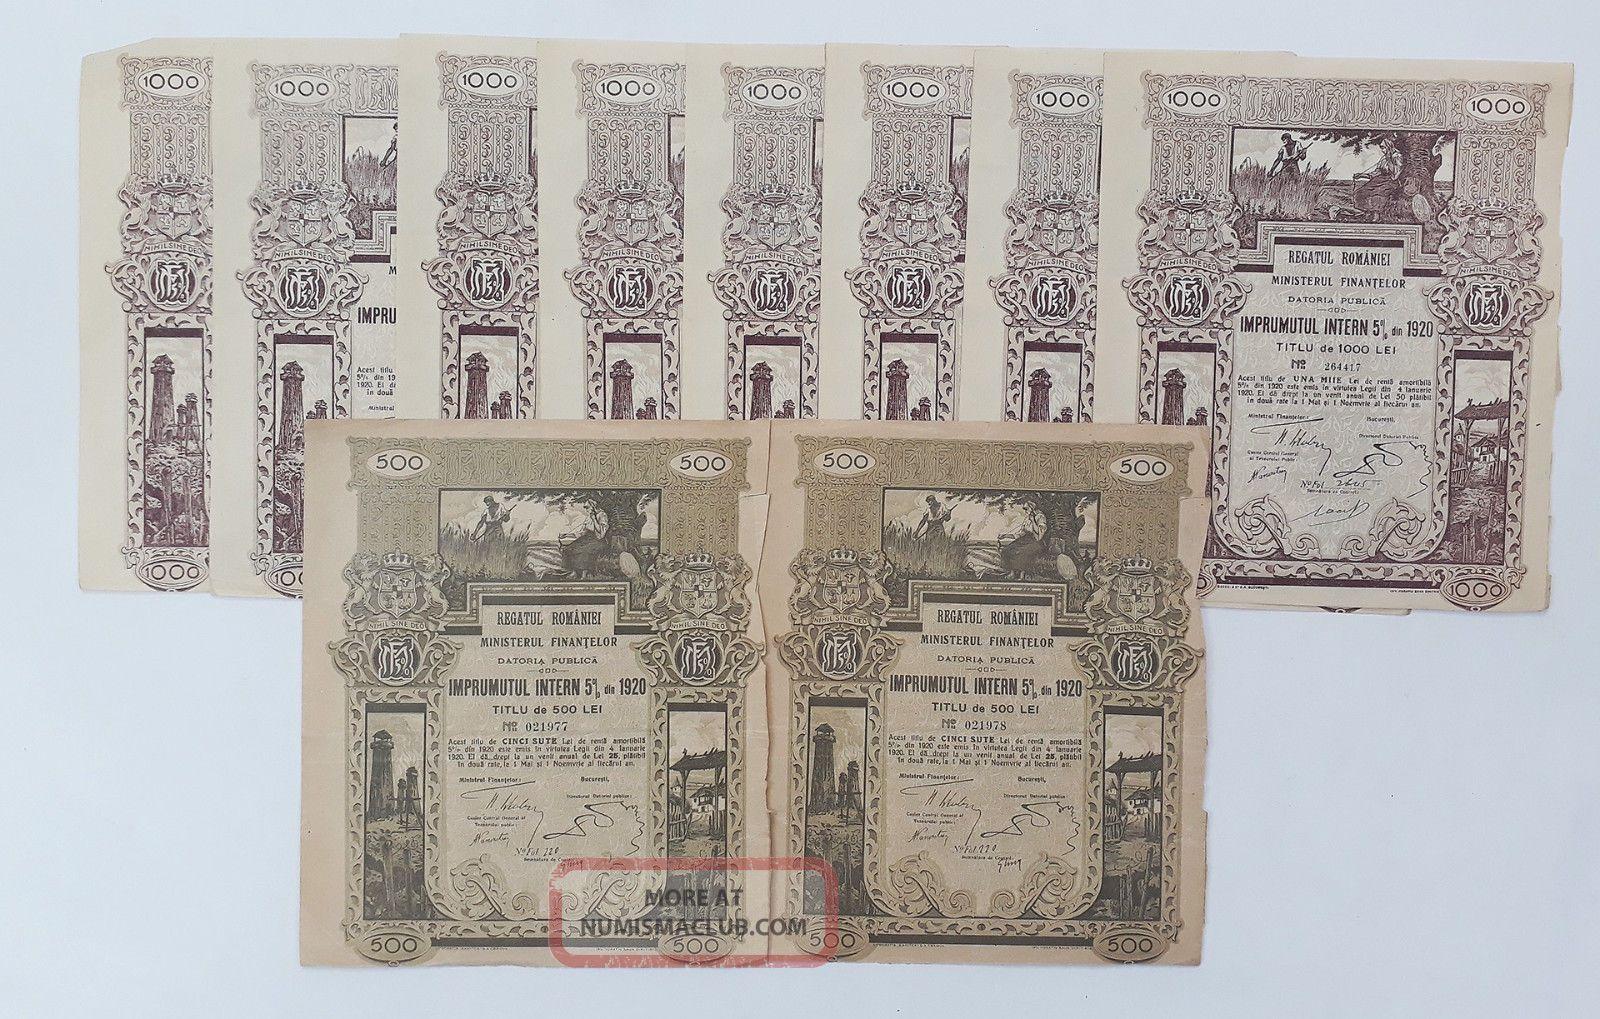 Romania 1920 - Regatul Romaniei Datoria Publica Imprumutul Intern 5 Lei 500 - 1000 World photo